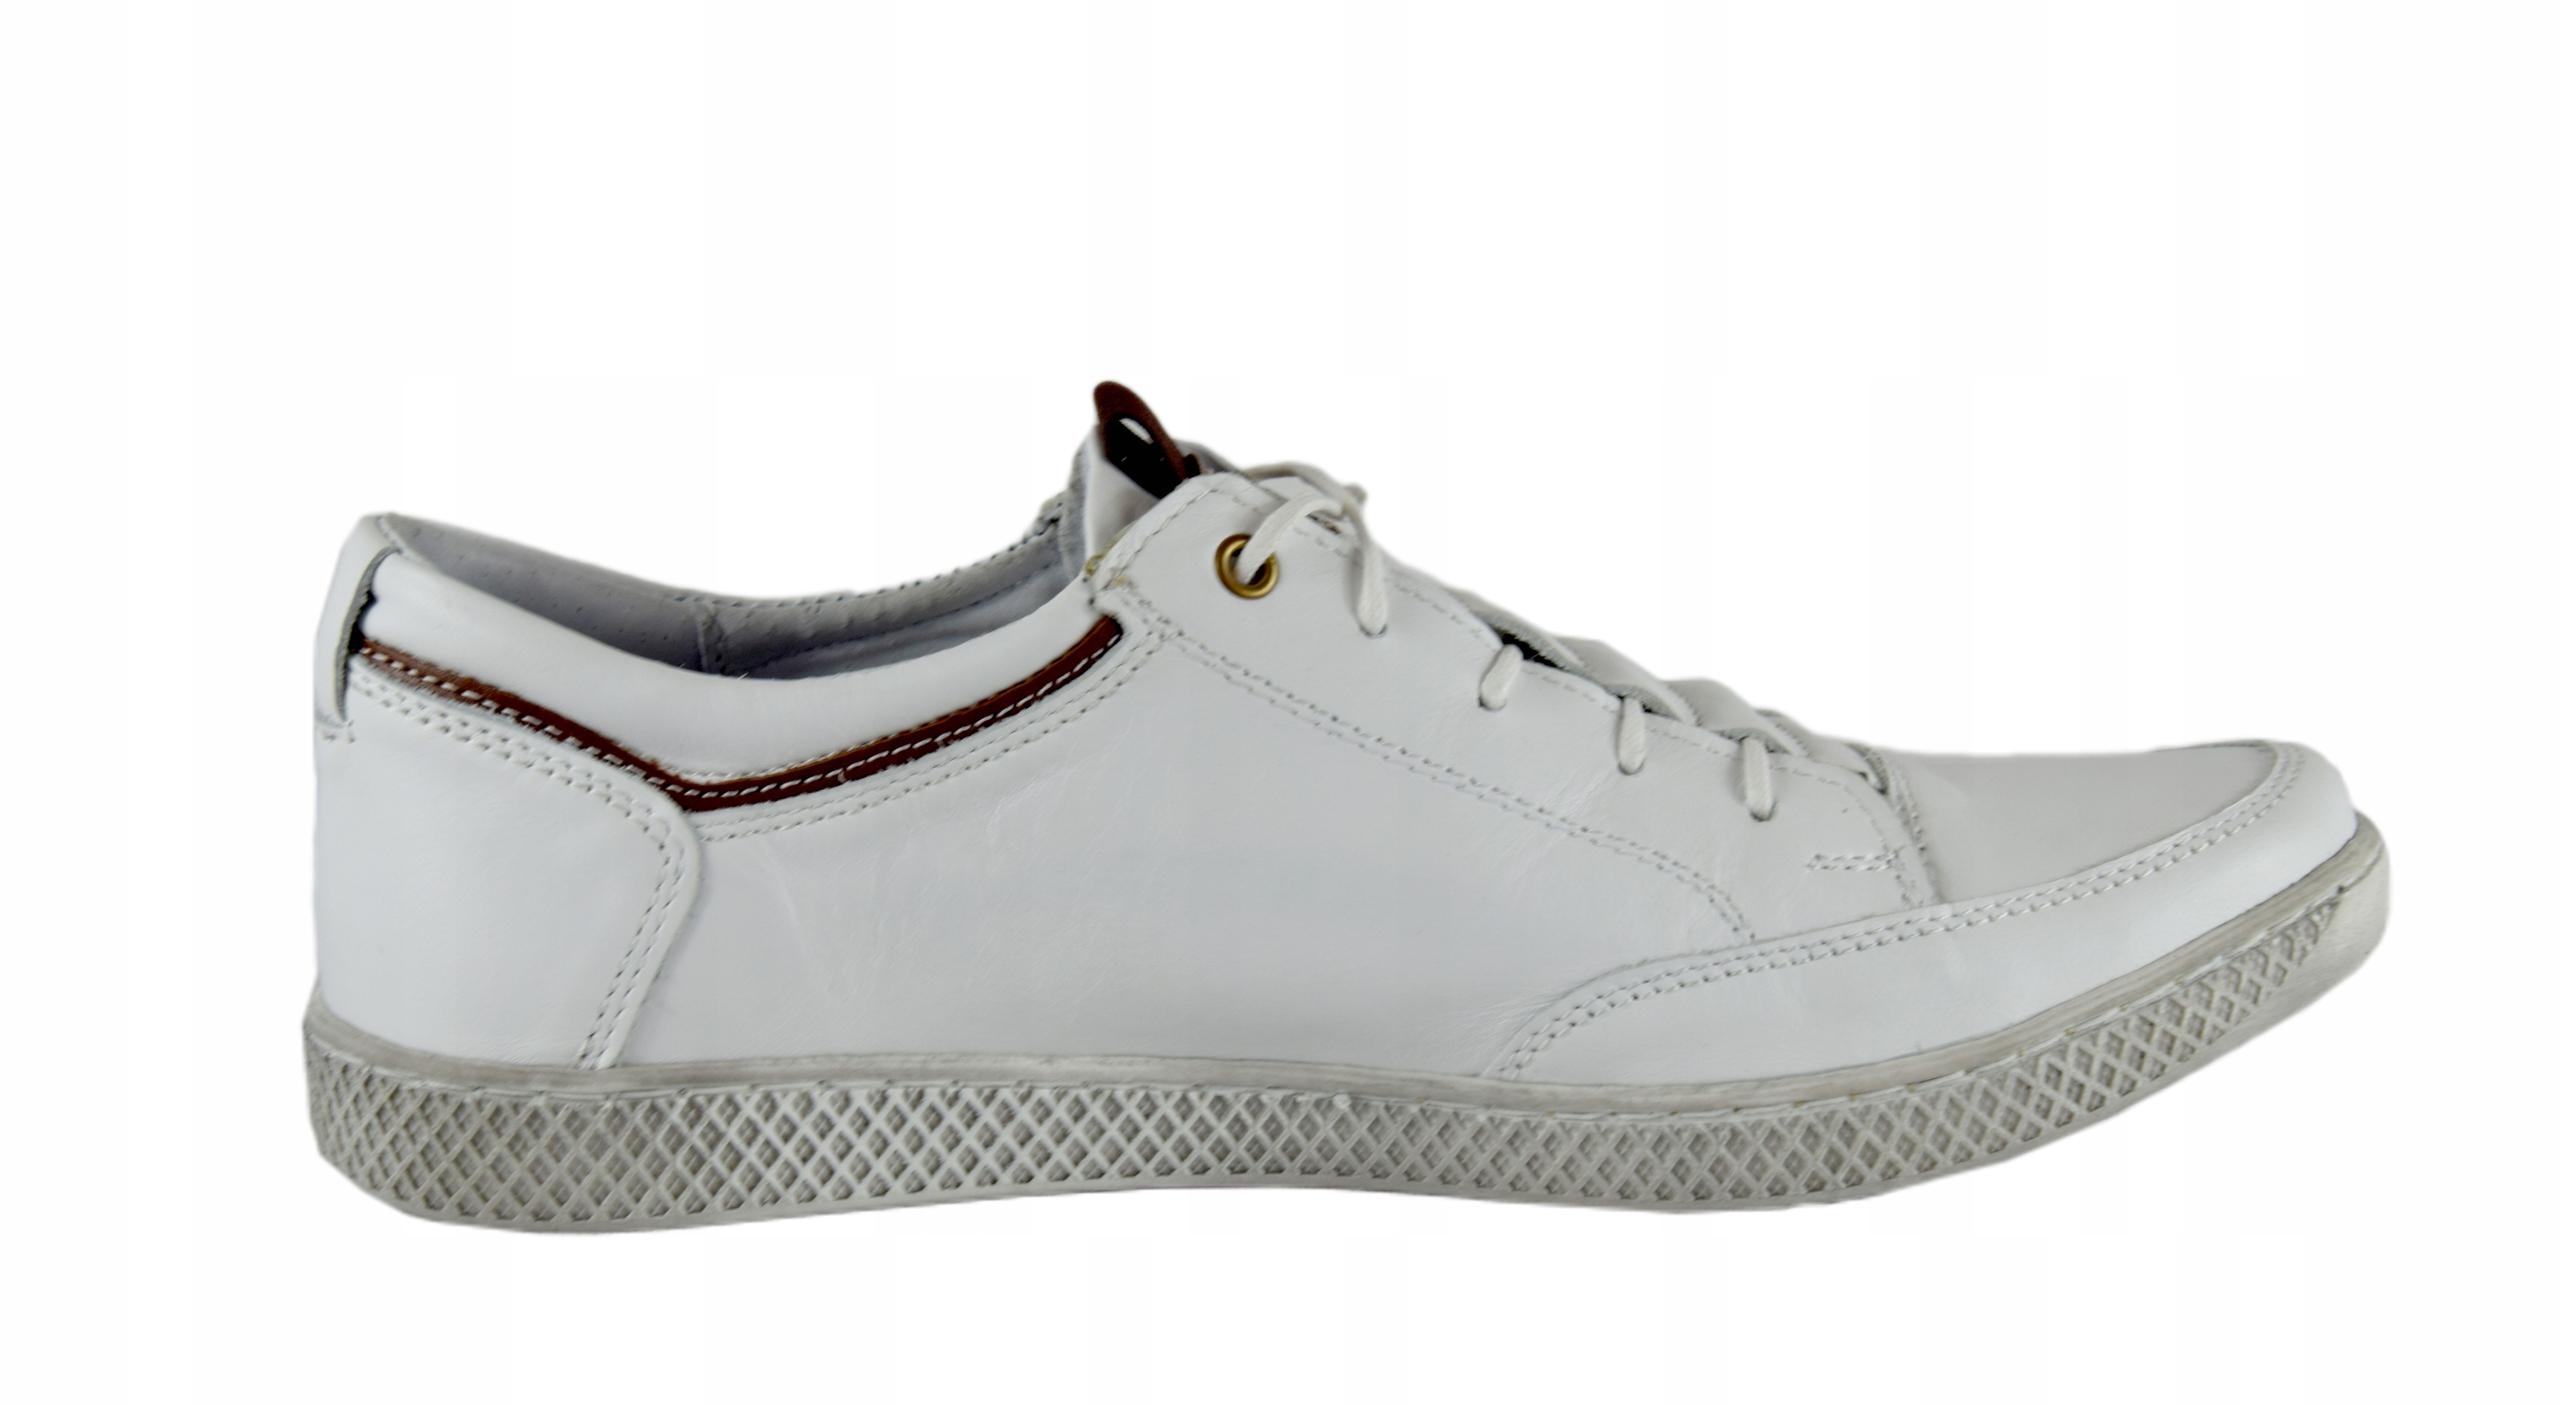 Białe buty skórzane sznurowane półbuty męskie 0448 Marka inna